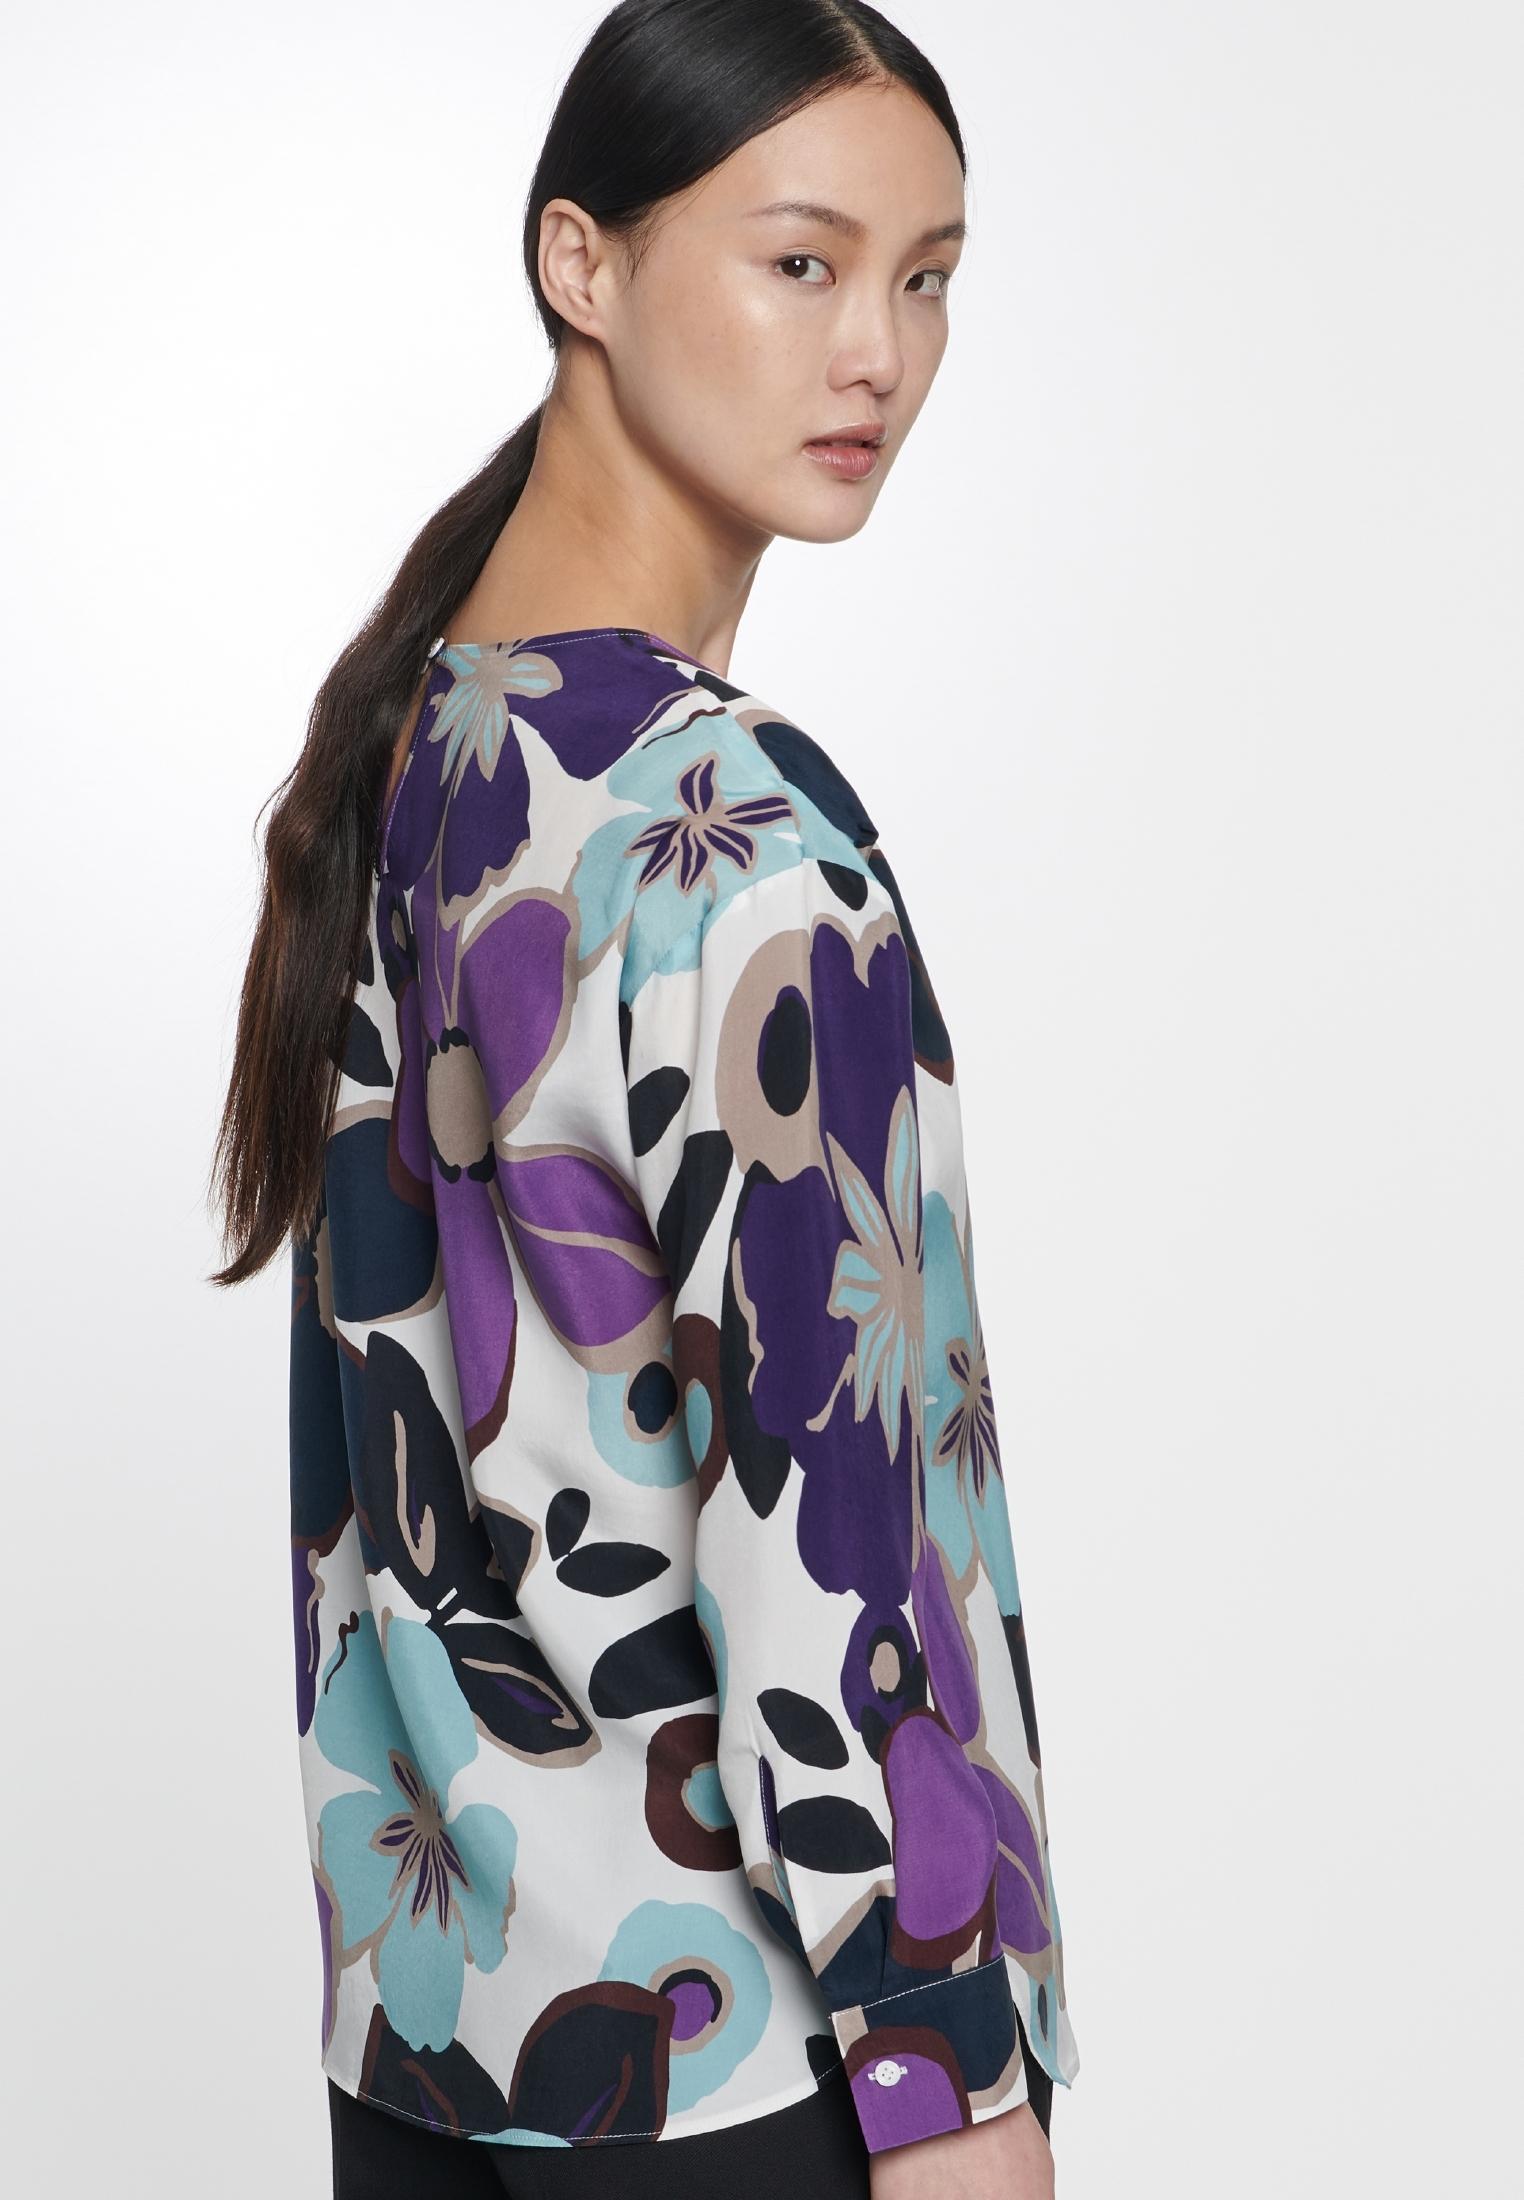 Seidensticker Shirtbluse Regular fit in Ecru günstig kaufen